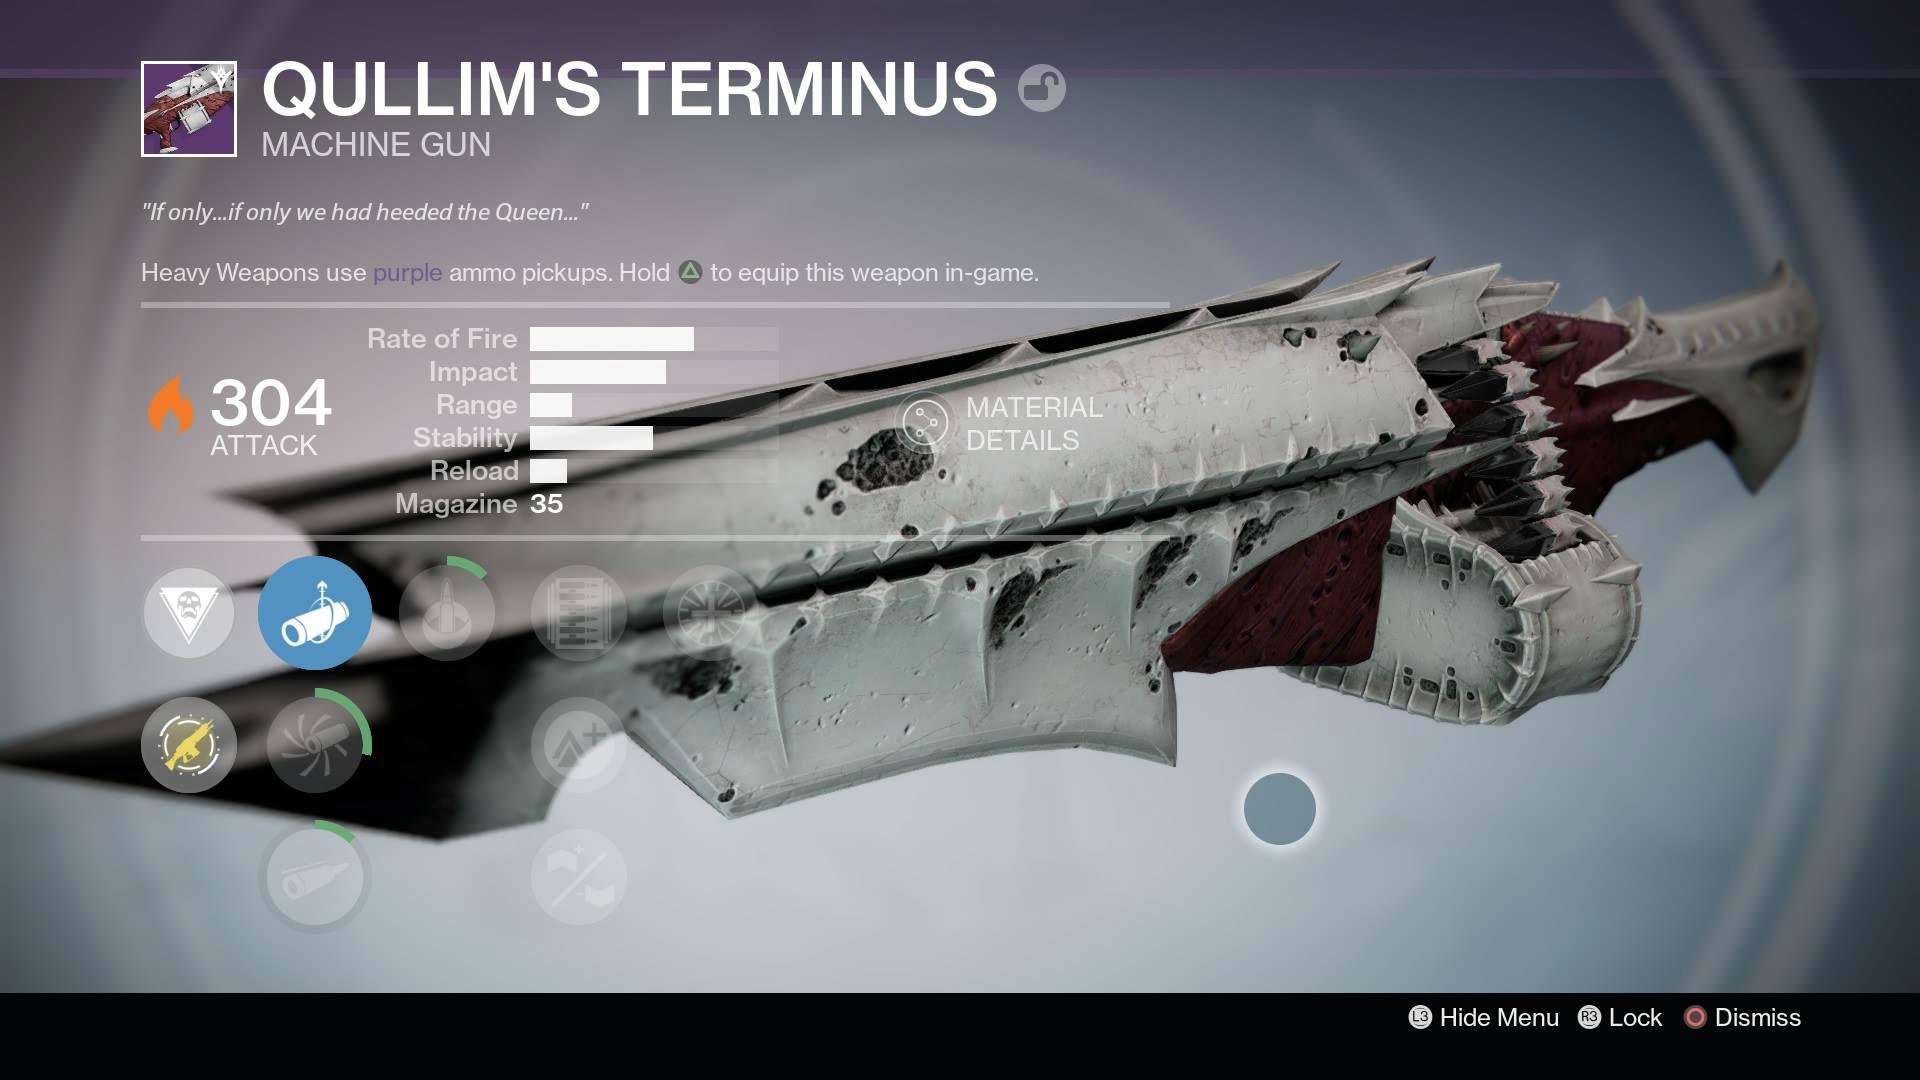 qullims_terminus